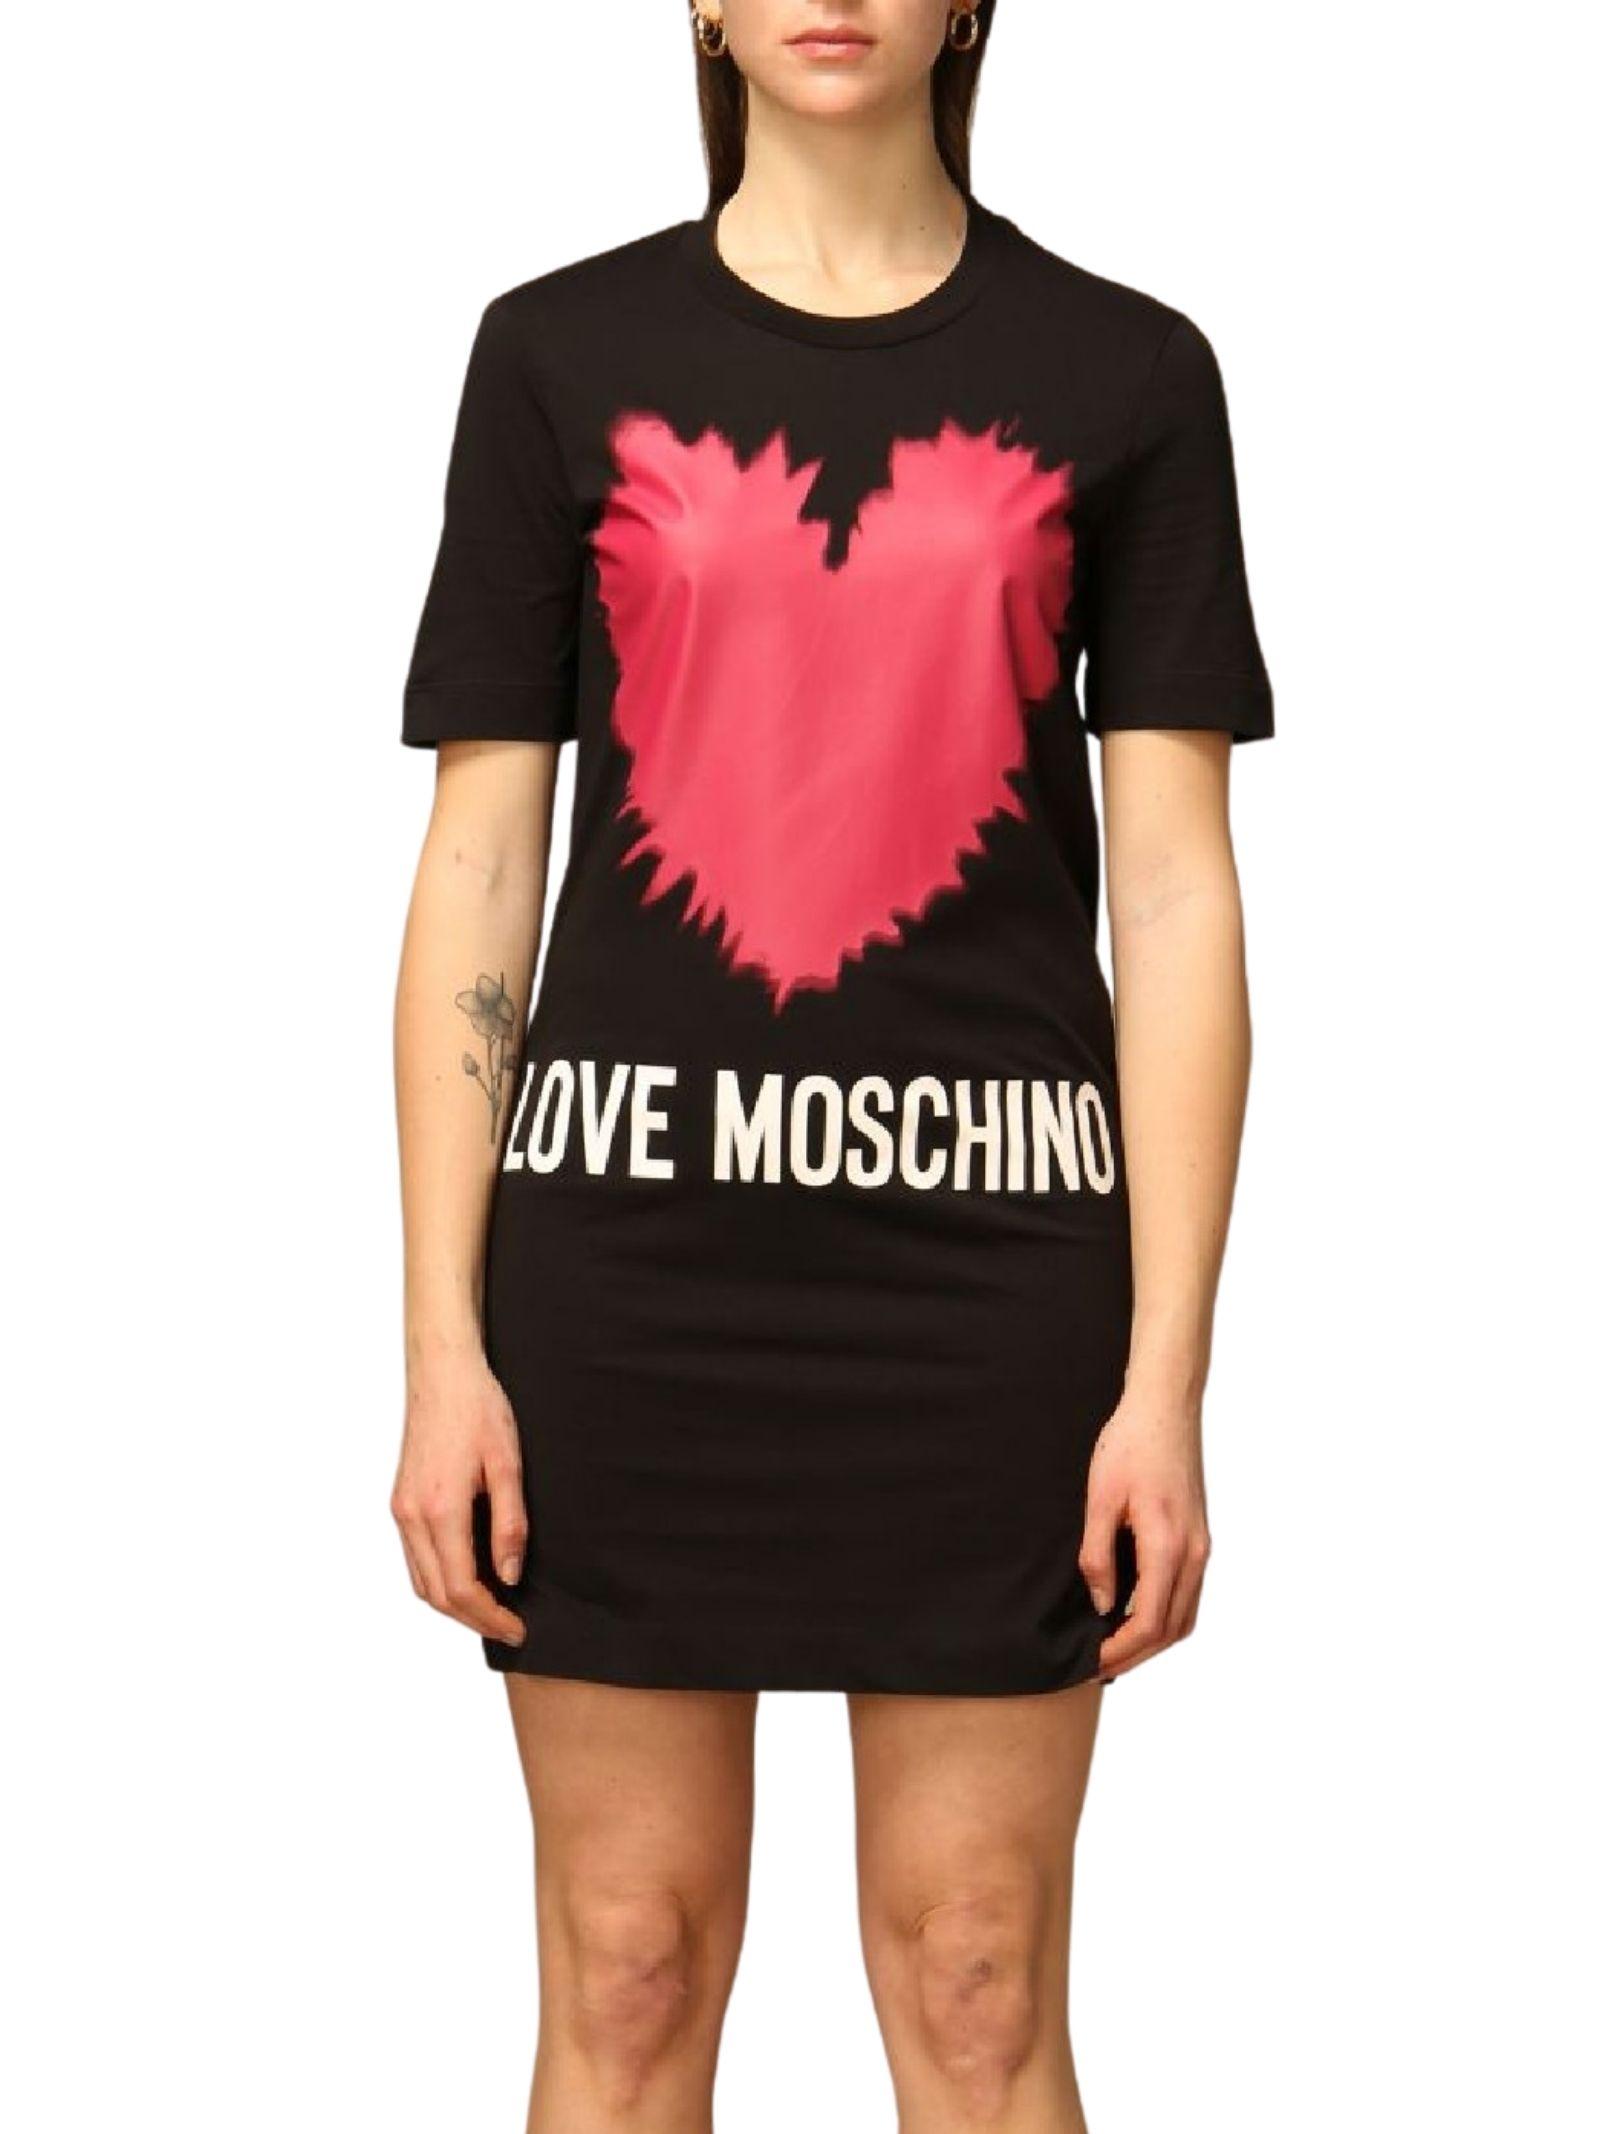 MOSCHINO LOVE   Dress   W 5 A02 21 M 3876C74